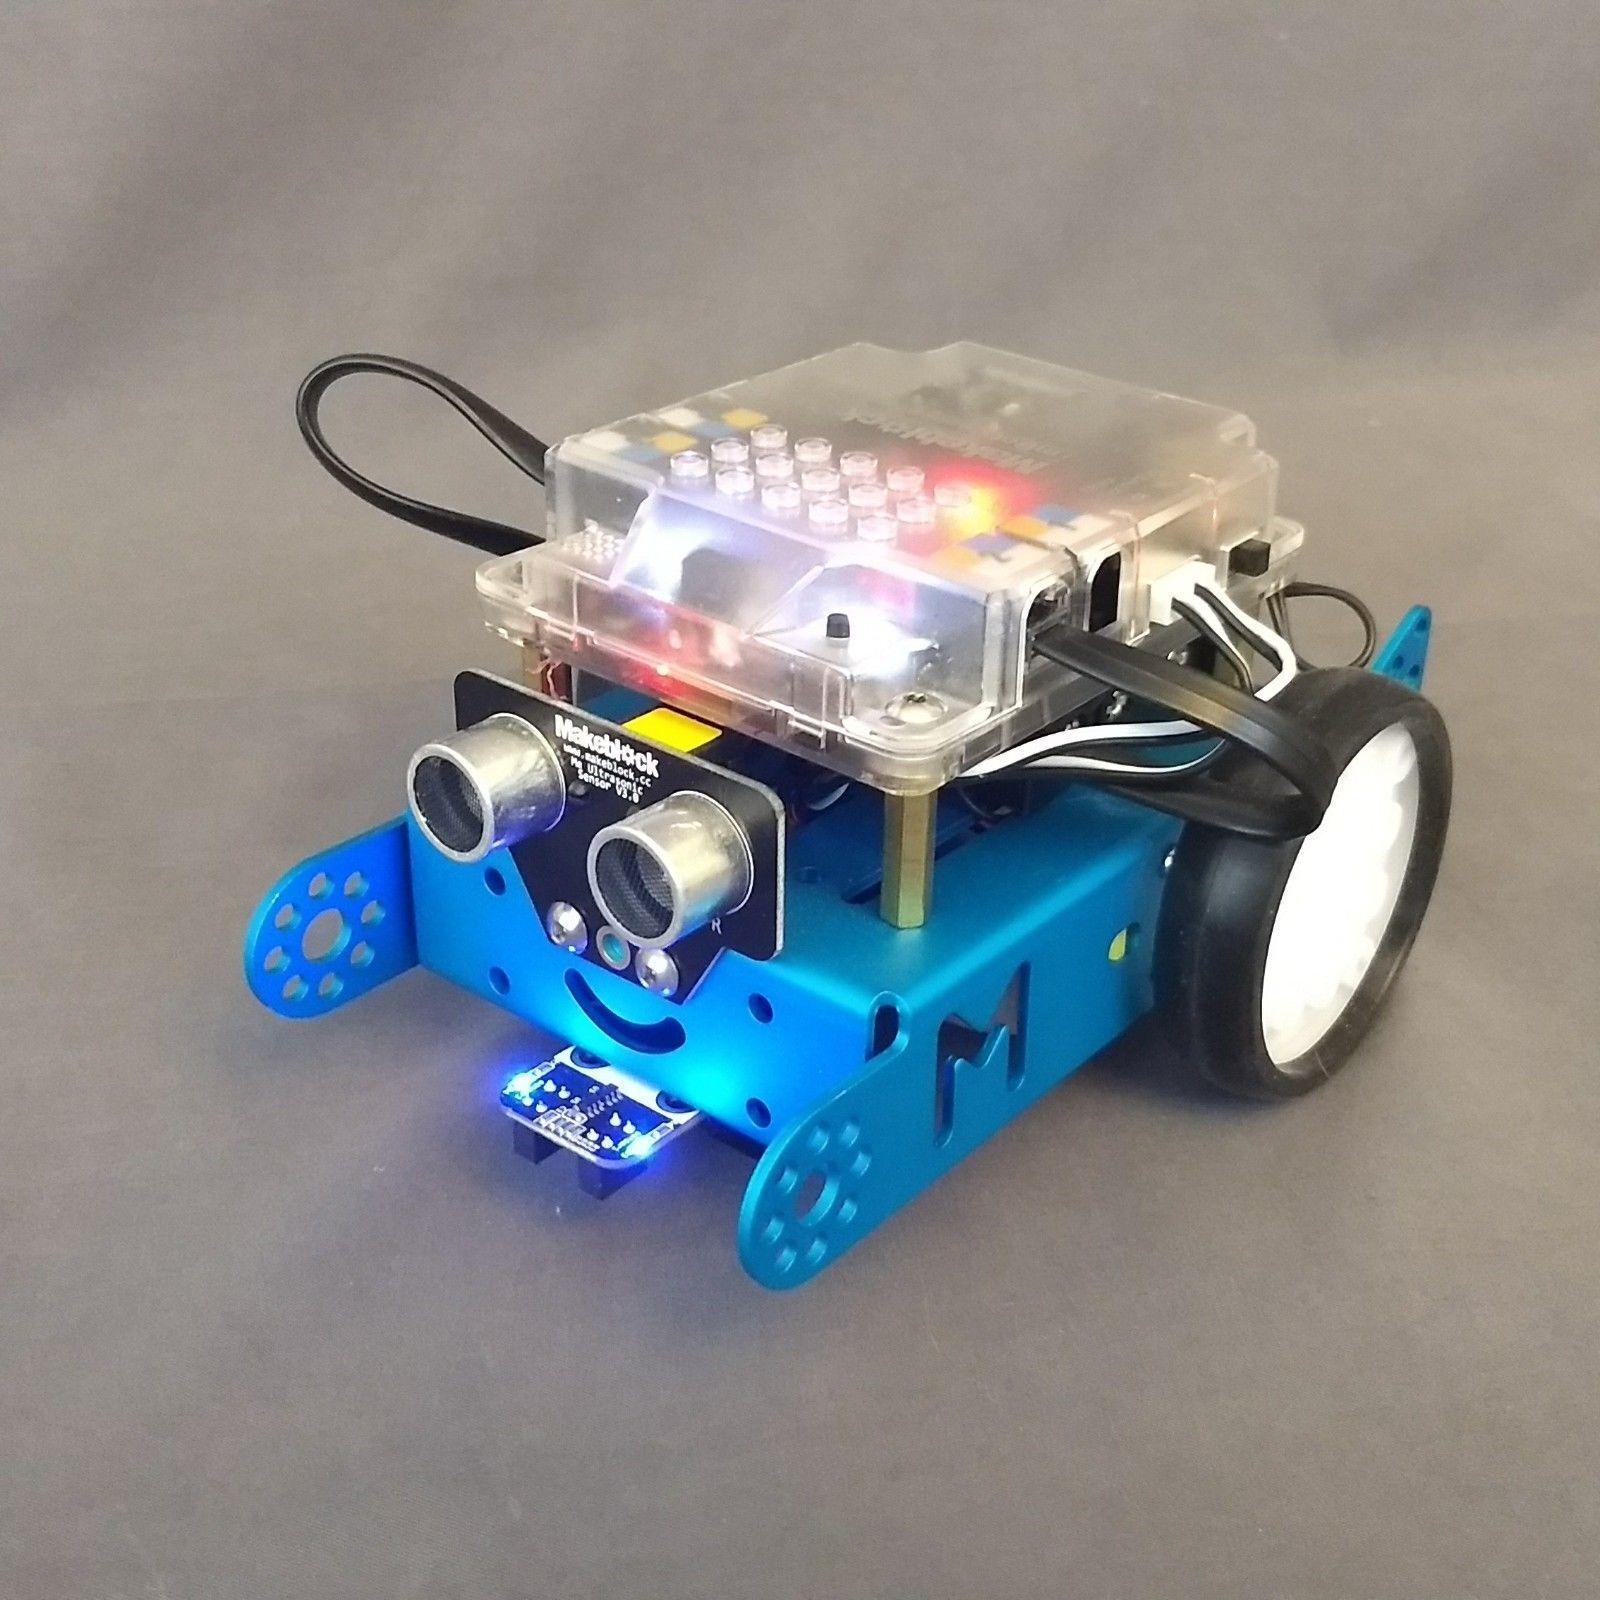 Makeblock Mbot 2.4GHz   Perfecto   Tallo educación Arduino   todo incluido